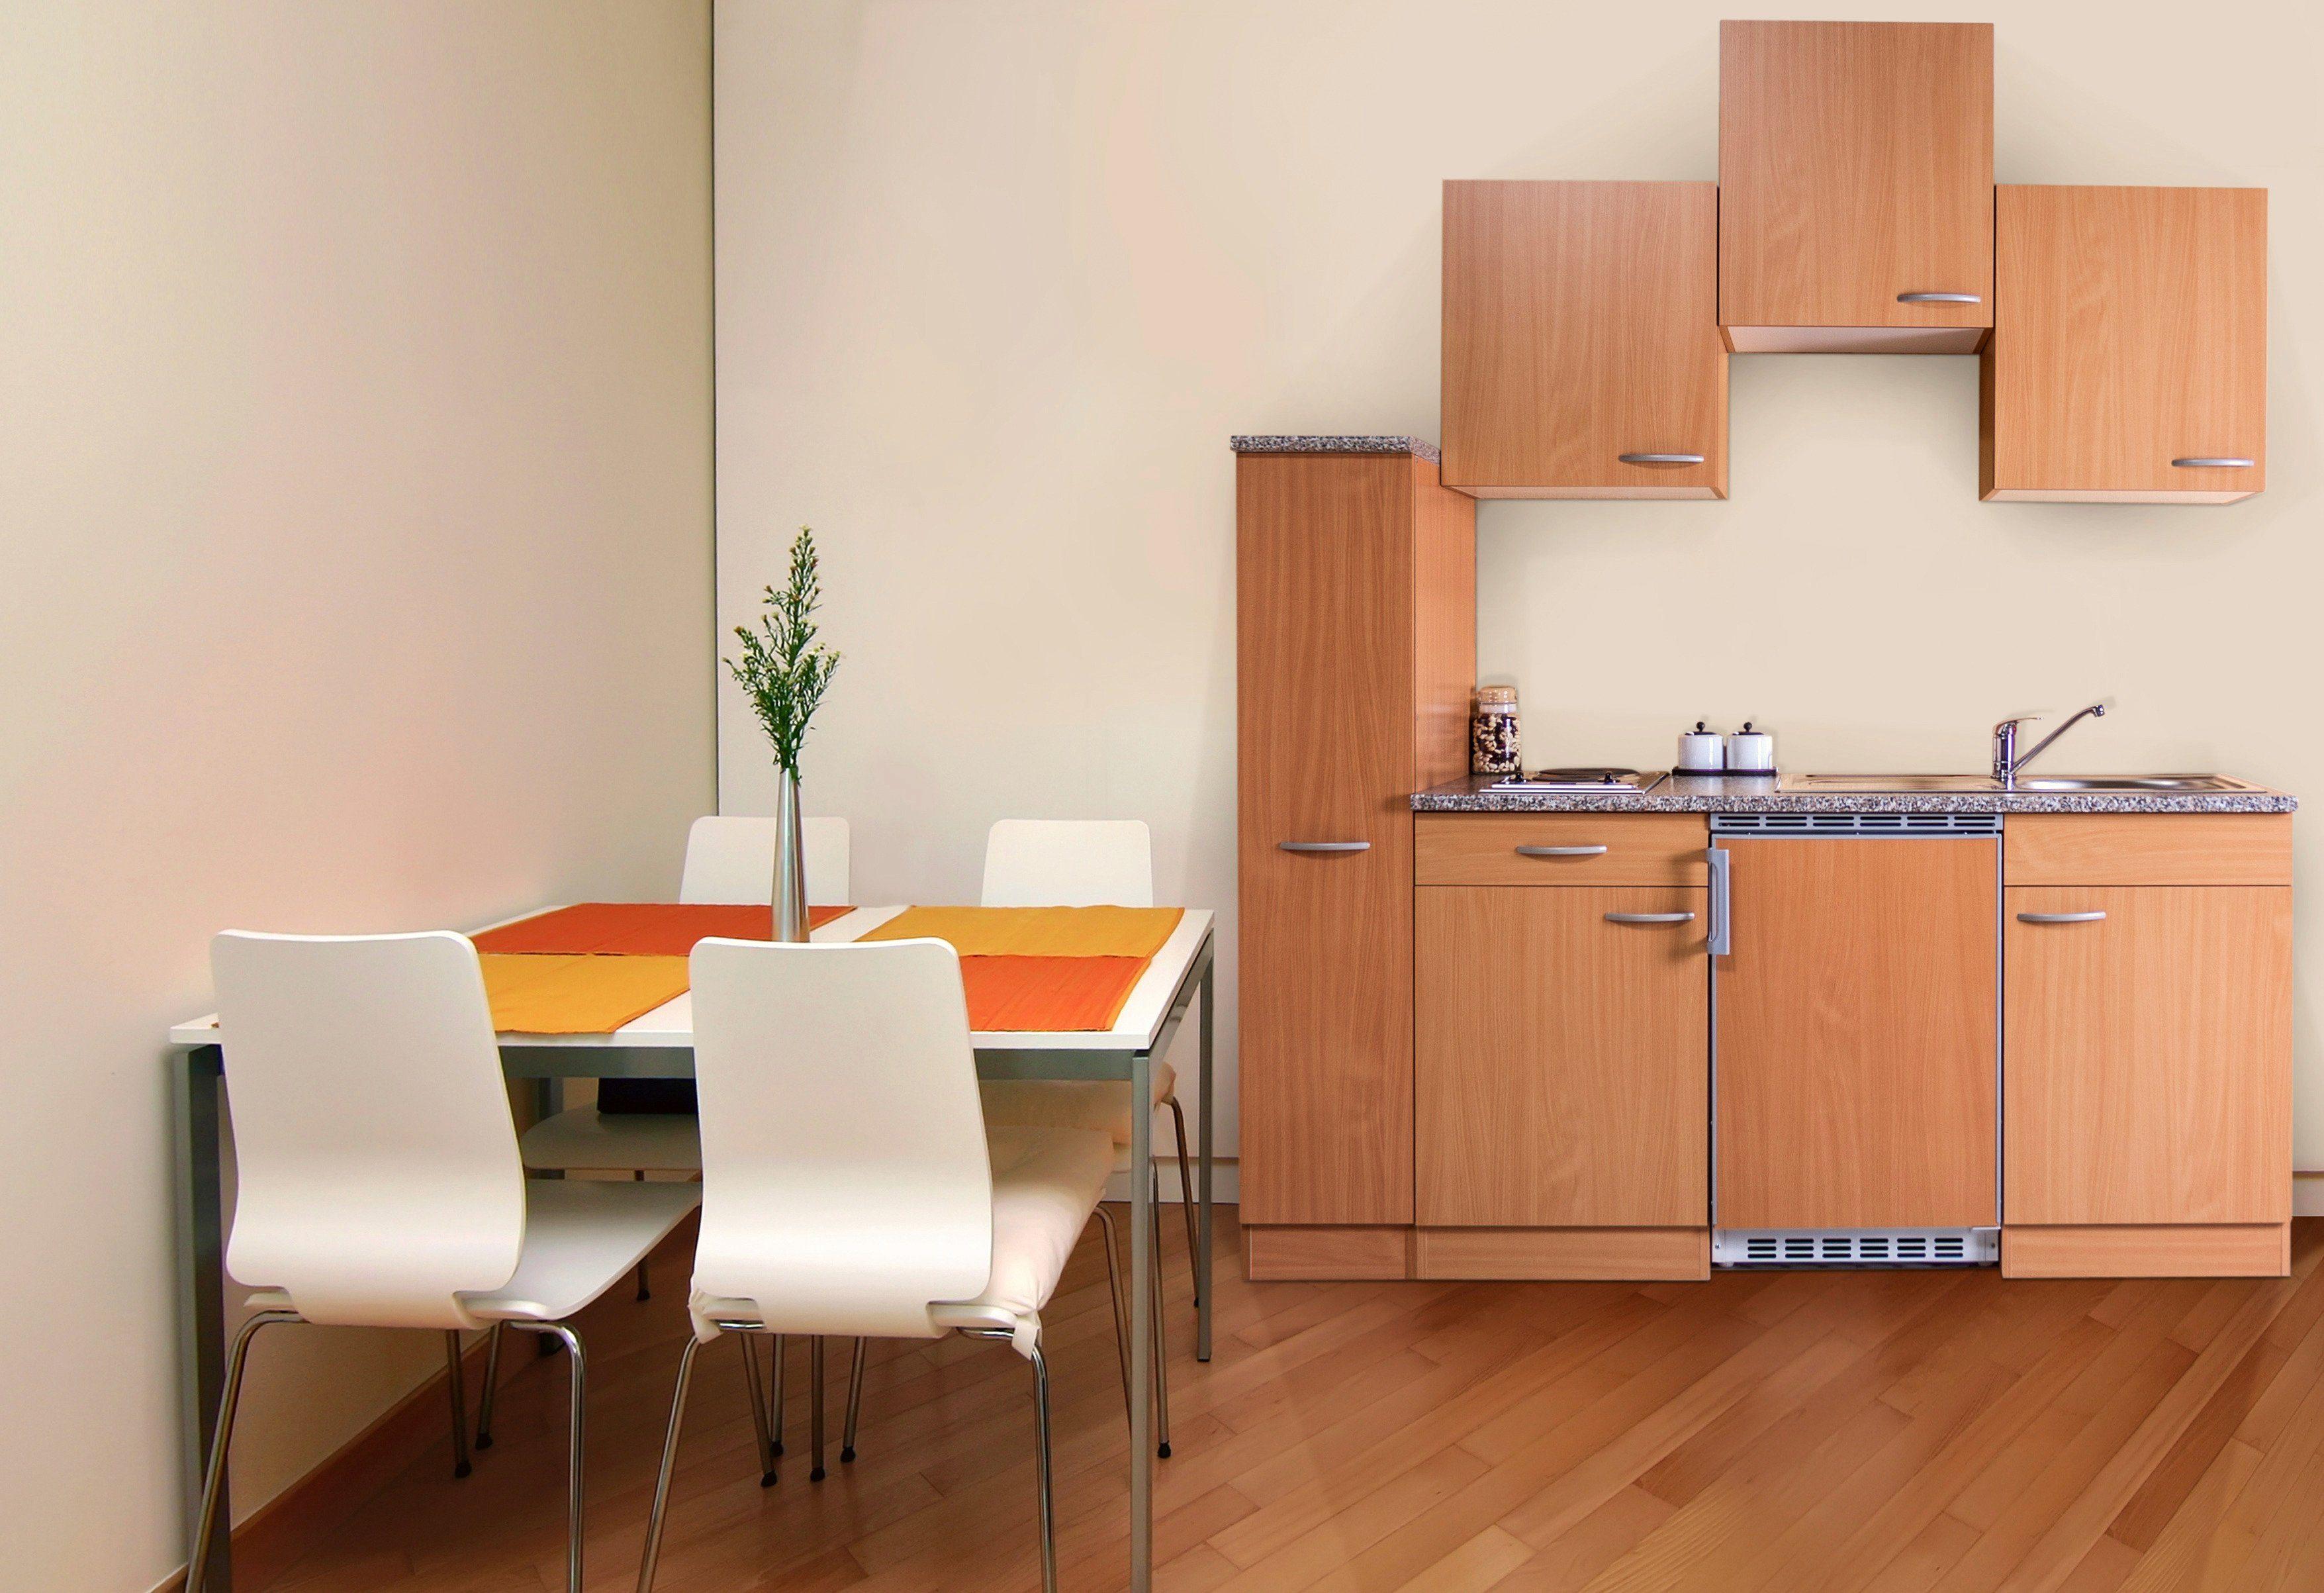 Hervorragend Miniküche, Breite 180 cm online kaufen | OTTO RH15